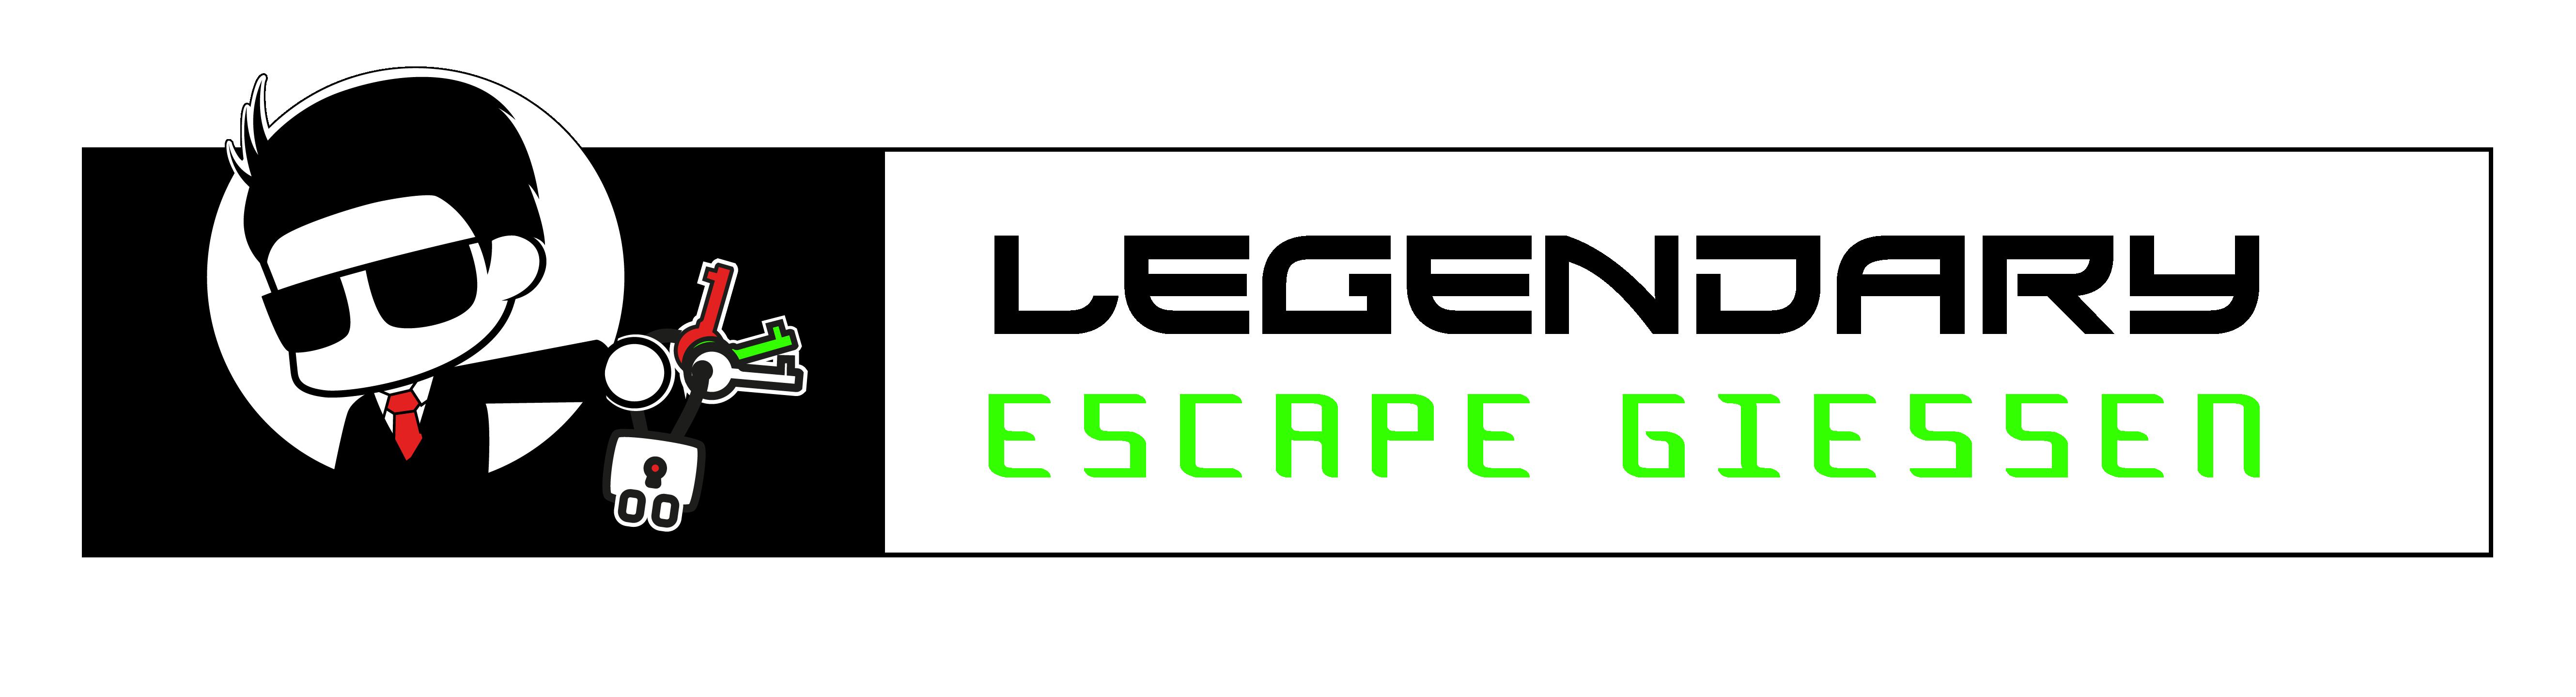 Legendary Escape / Justus Escape